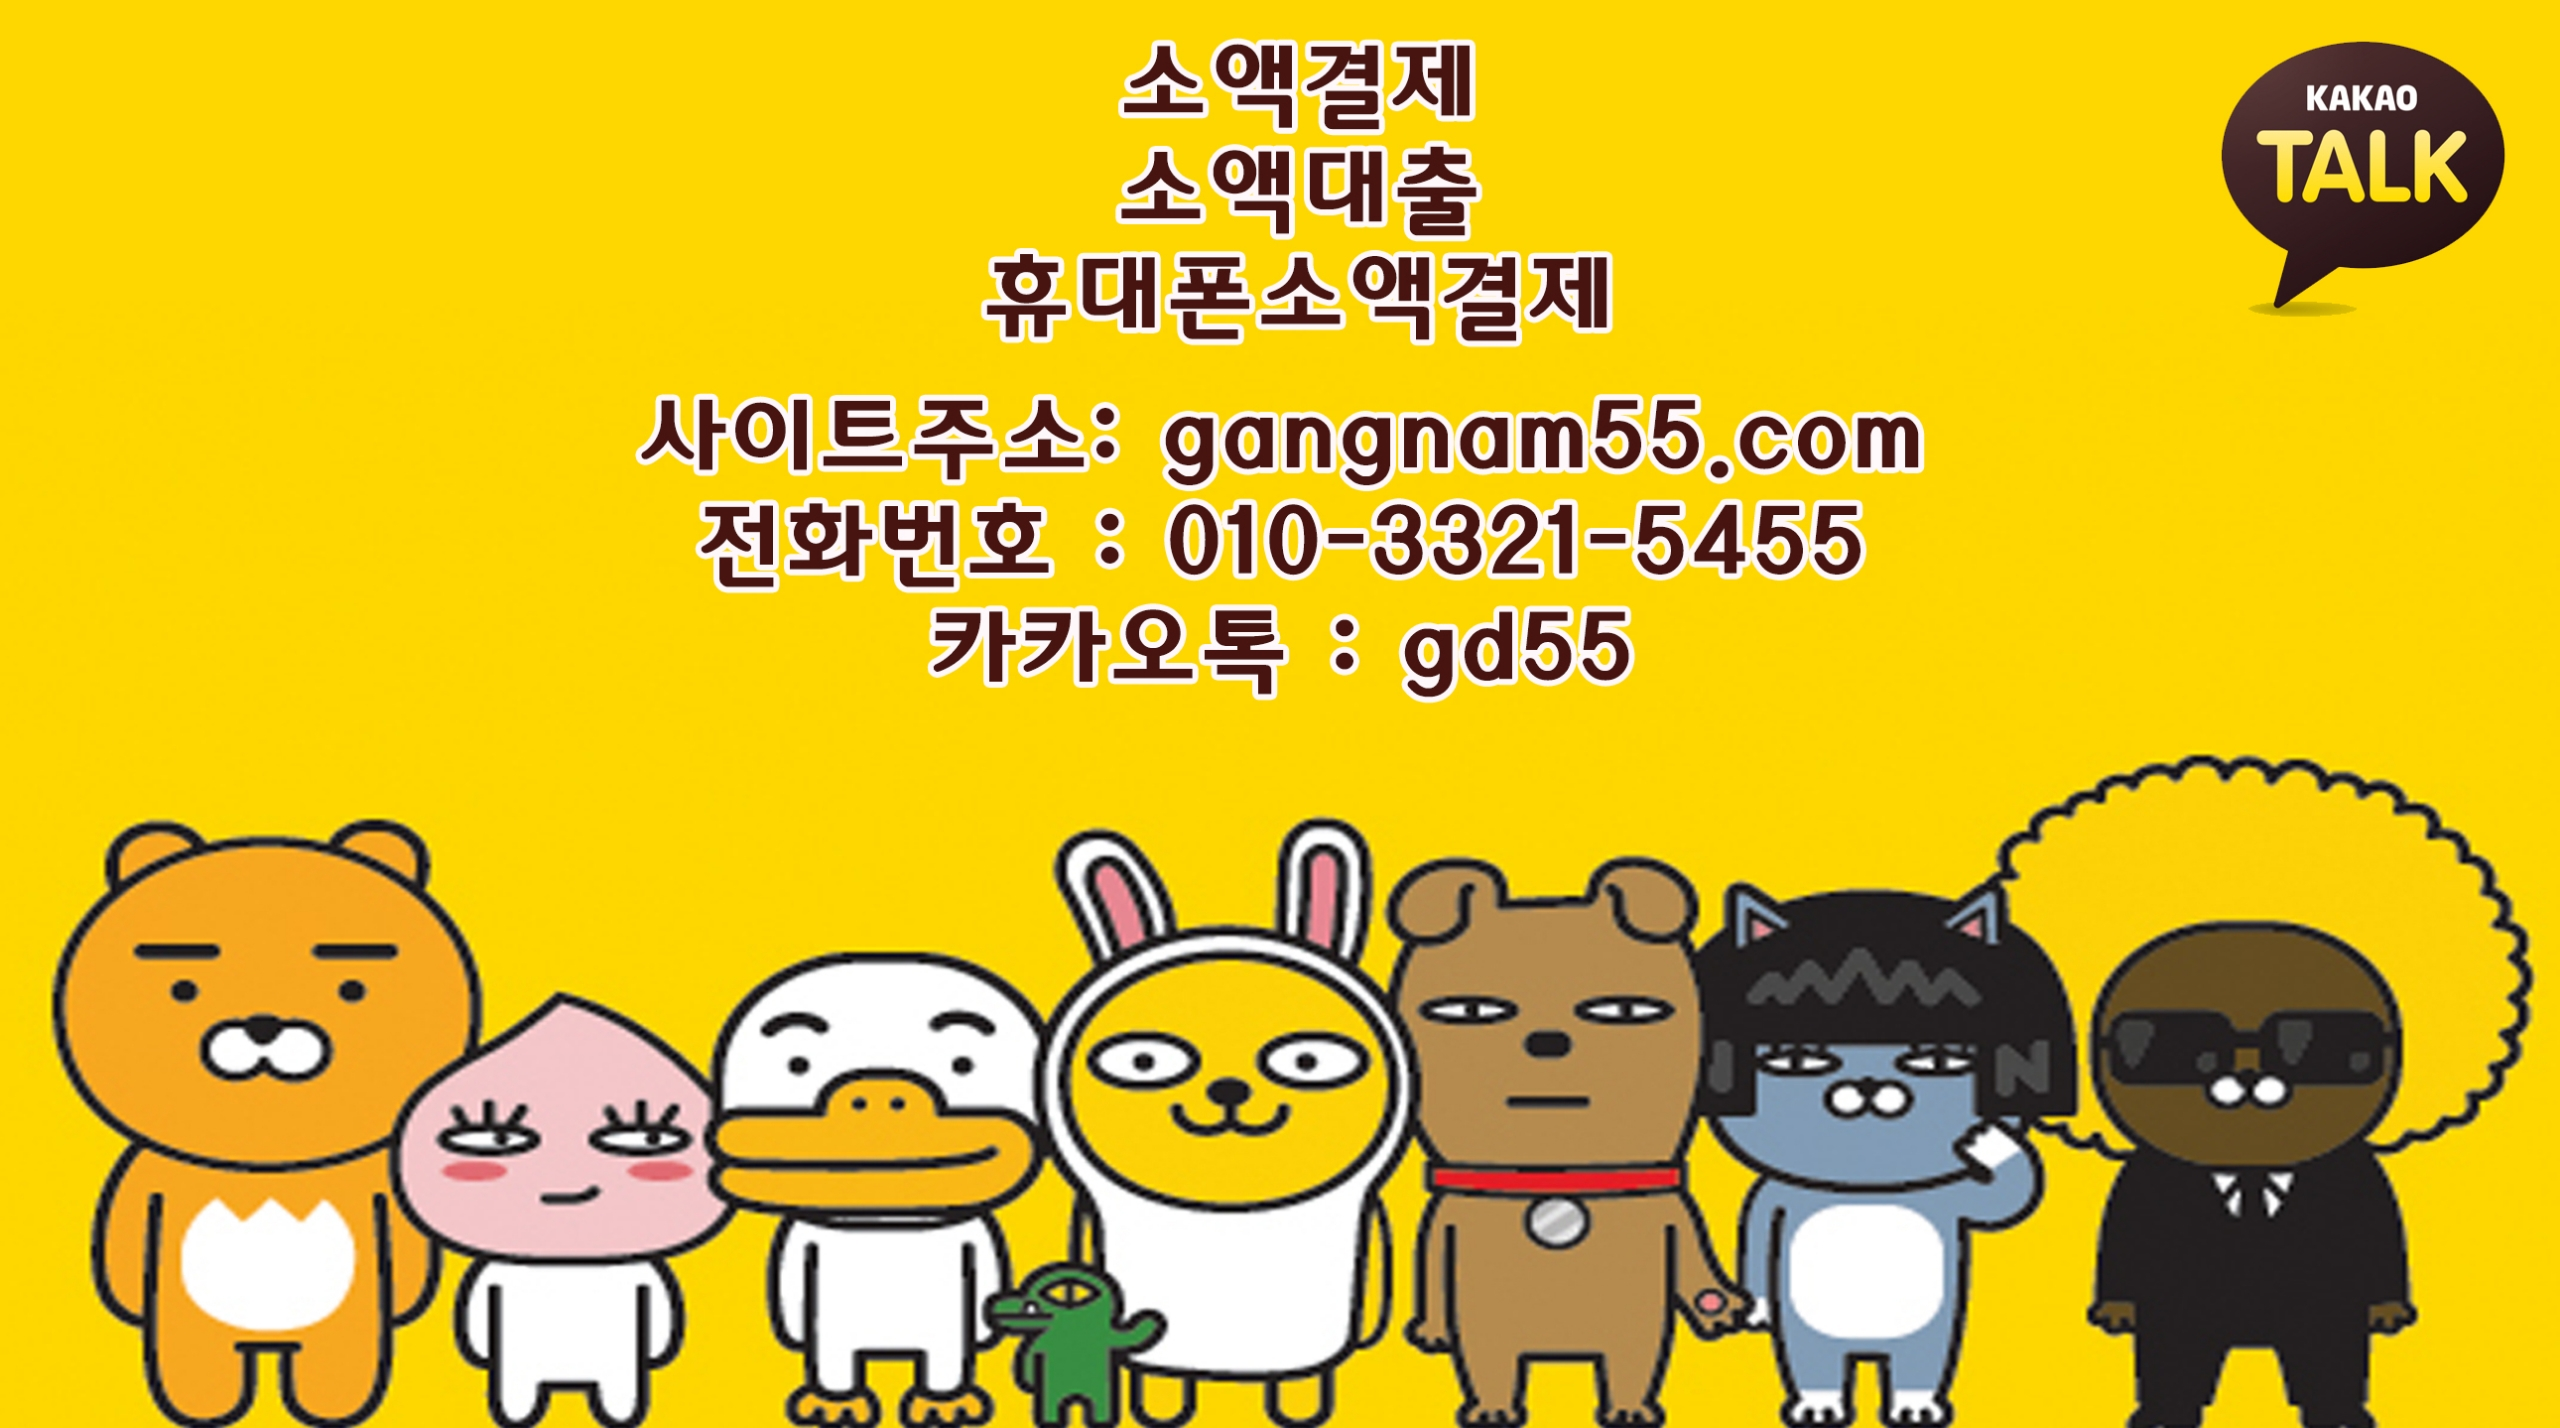 현금서비스 gangnam닷kr (@thdorrufwp15) Cover Image